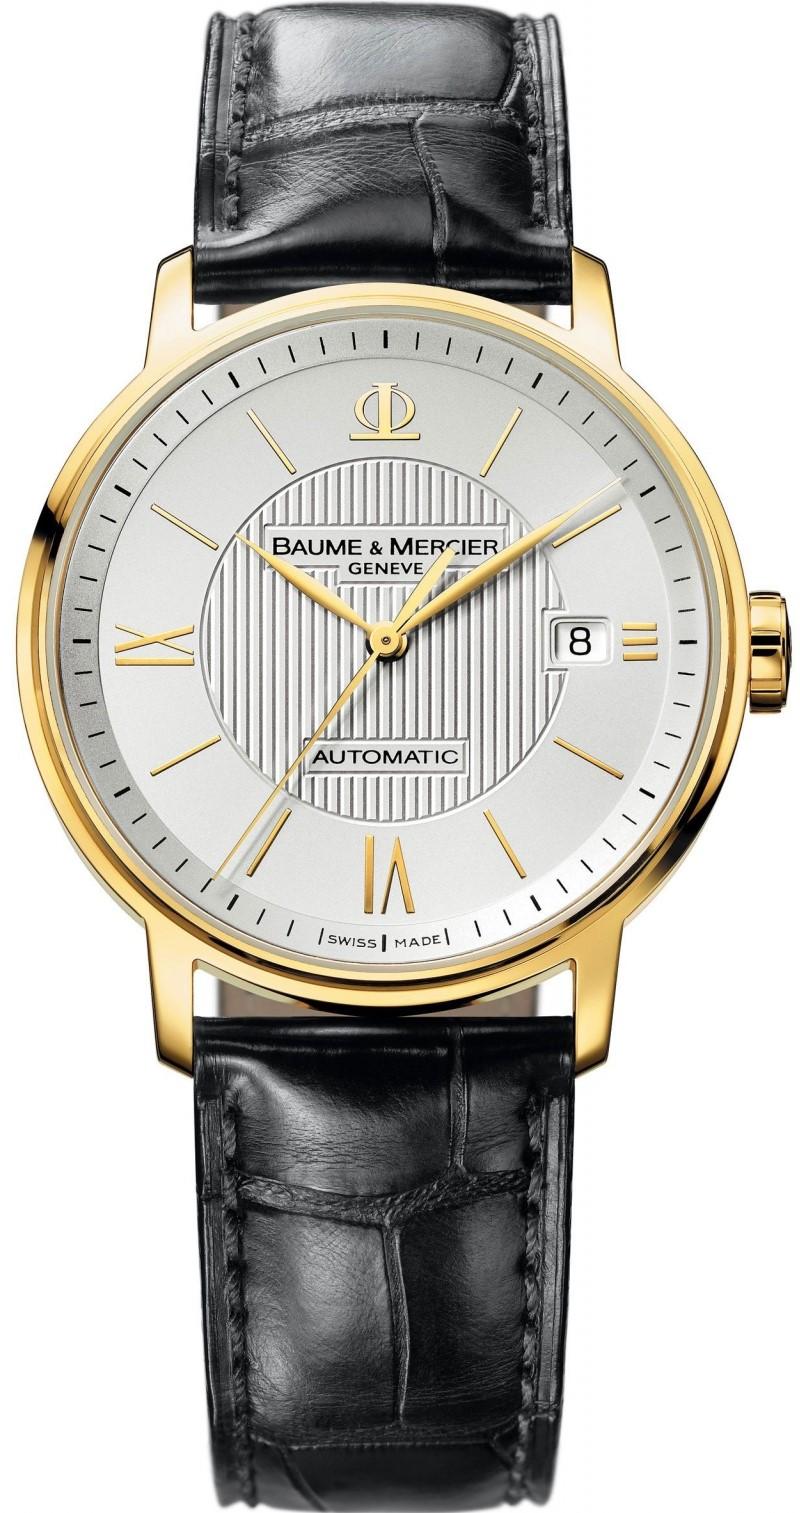 Baume&amp;Mercier Classima MOA08787Наручные часы<br>Часы Baume&amp;amp;Mercier Classima MOA08787Классические мужские часы в золотом корпусе (проба 750). Диаметр корпуса составляет 39 мм. Механические часы дополнены модулем автоподзавода. Ремешок выполнен из кожи аллигатора. Задняя крышка прозрачная.<br><br>Пол: None<br>Страна-производитель: Швейцария<br>Механизм: Механический<br>Материал корпуса: Золото<br>Материал ремня/браслета: Кожа<br>Водозащита, диапазон: 20 - 100 м<br>Стекло: Сапфировое<br>Толщина корпуса: 9 мм<br>Стиль: Классика